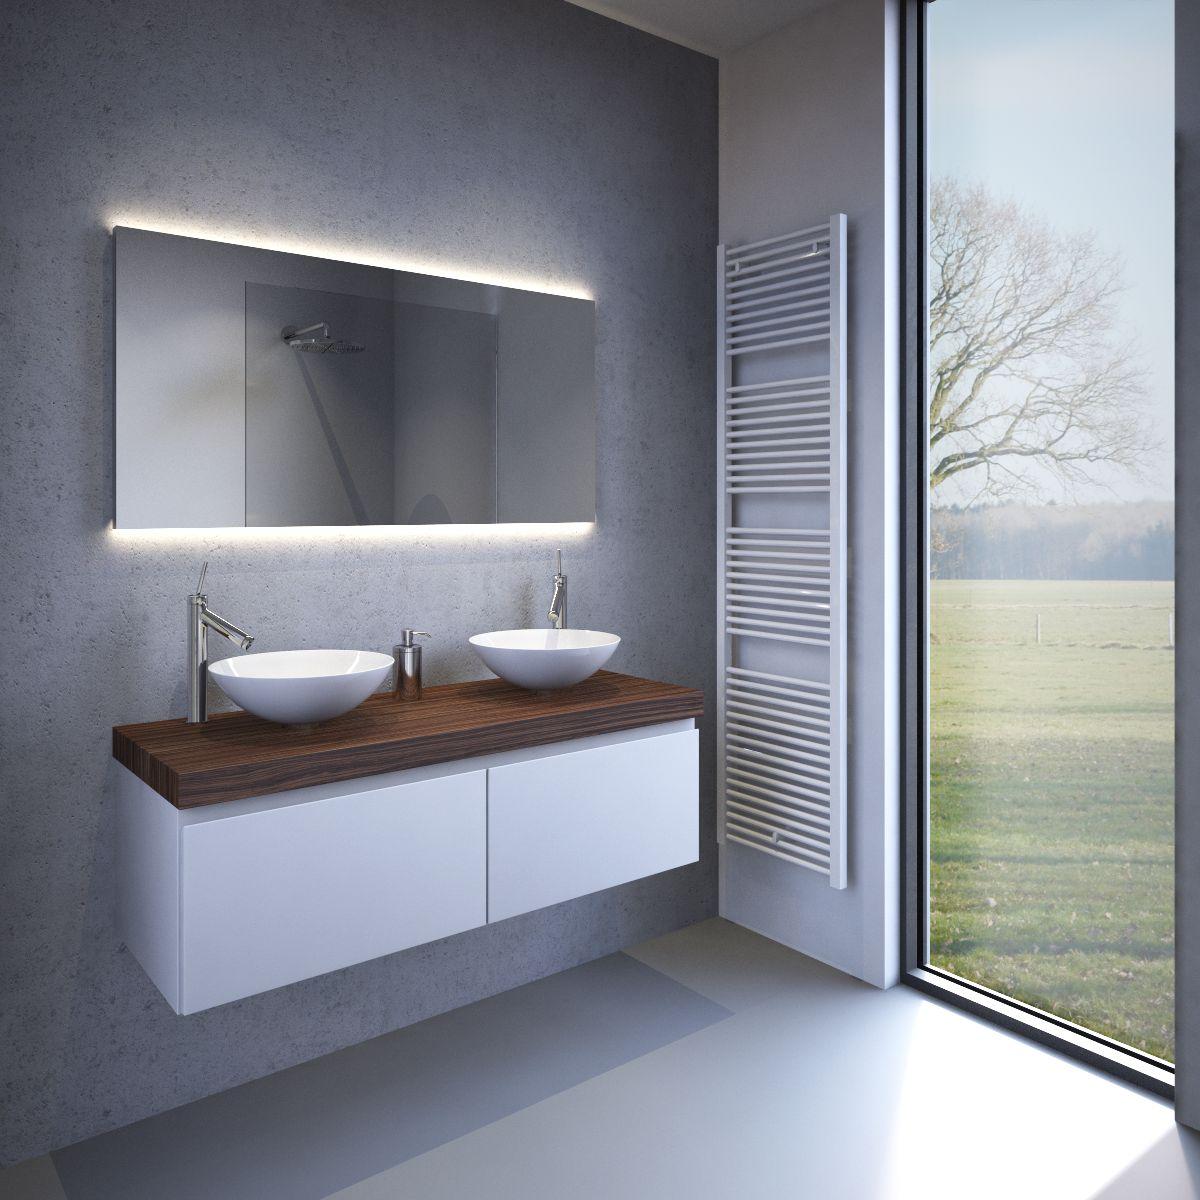 verlichting  Spiegels met led verlichting  Design badkamer spiegel